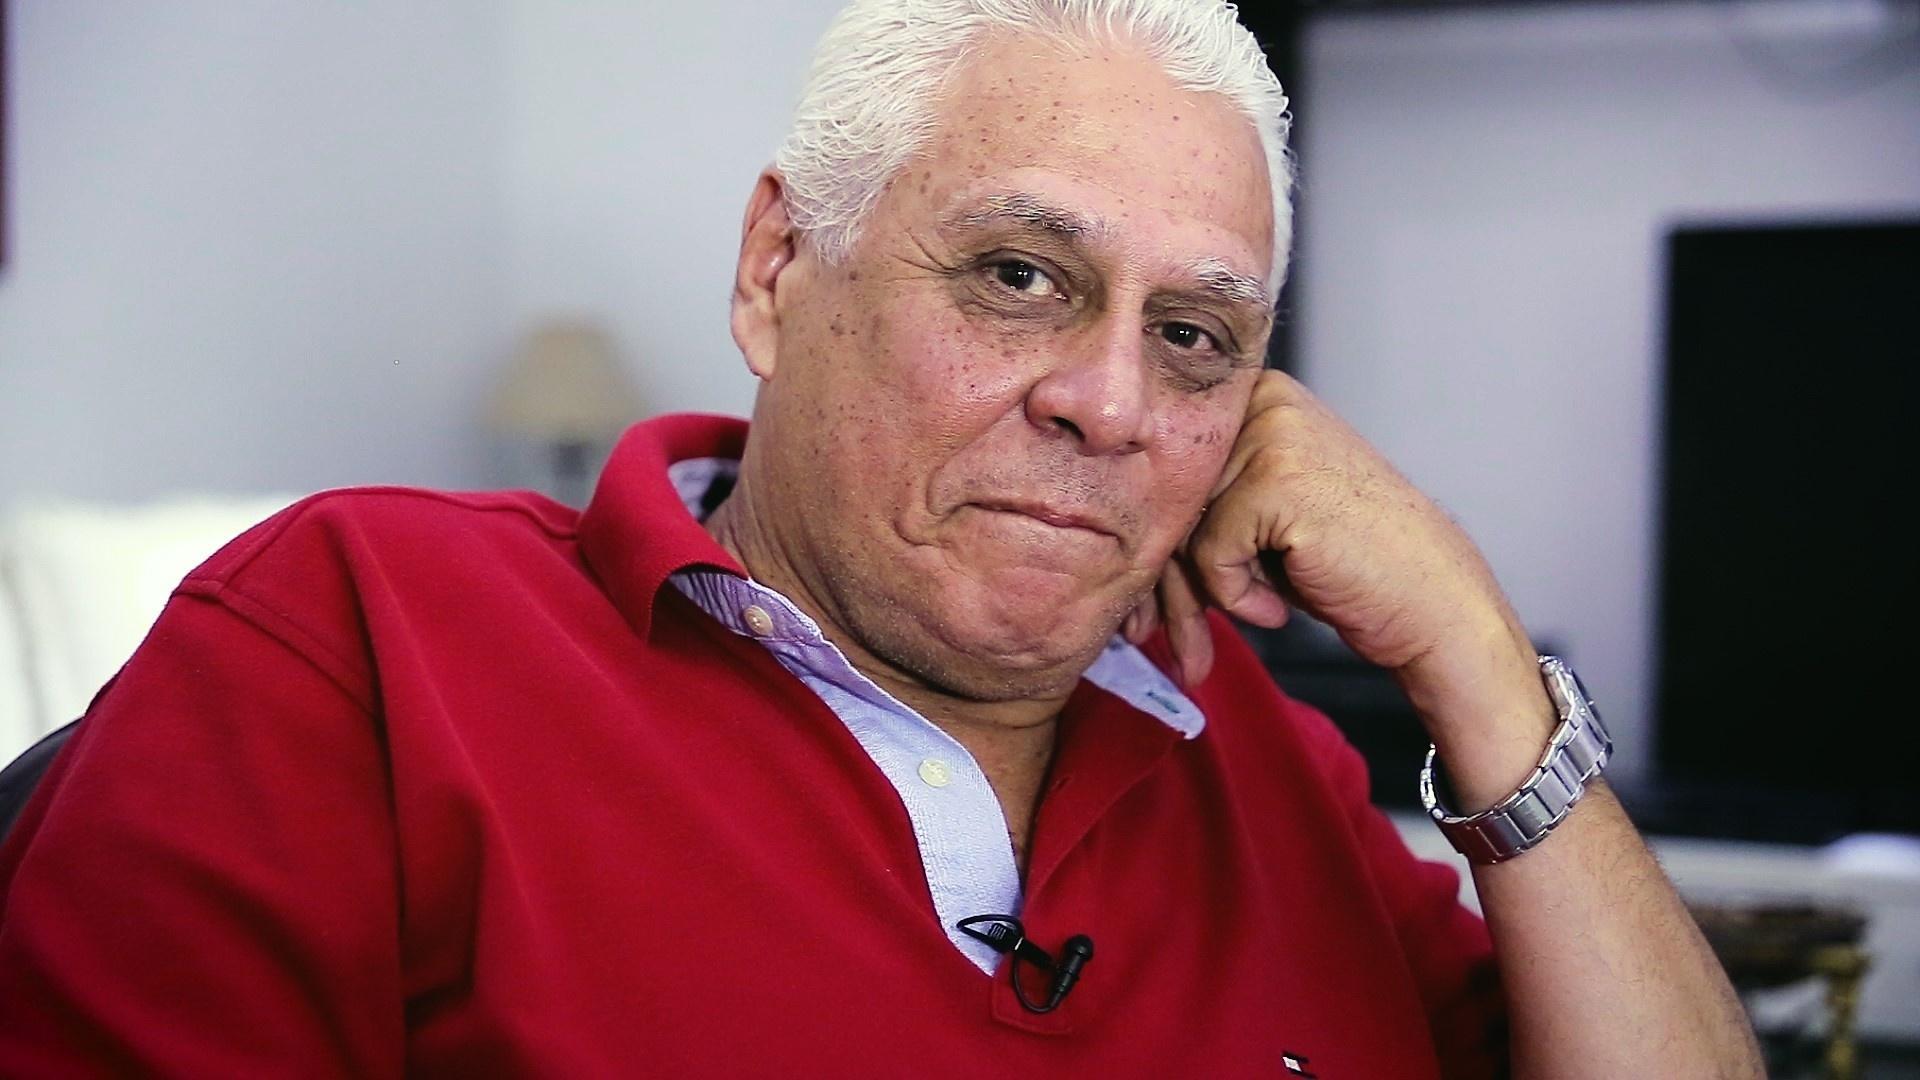 Ele achou que estava preparado | 'Hoje, nem piso no Vasco', afirma Dinamite, 3 anos após deixar comando